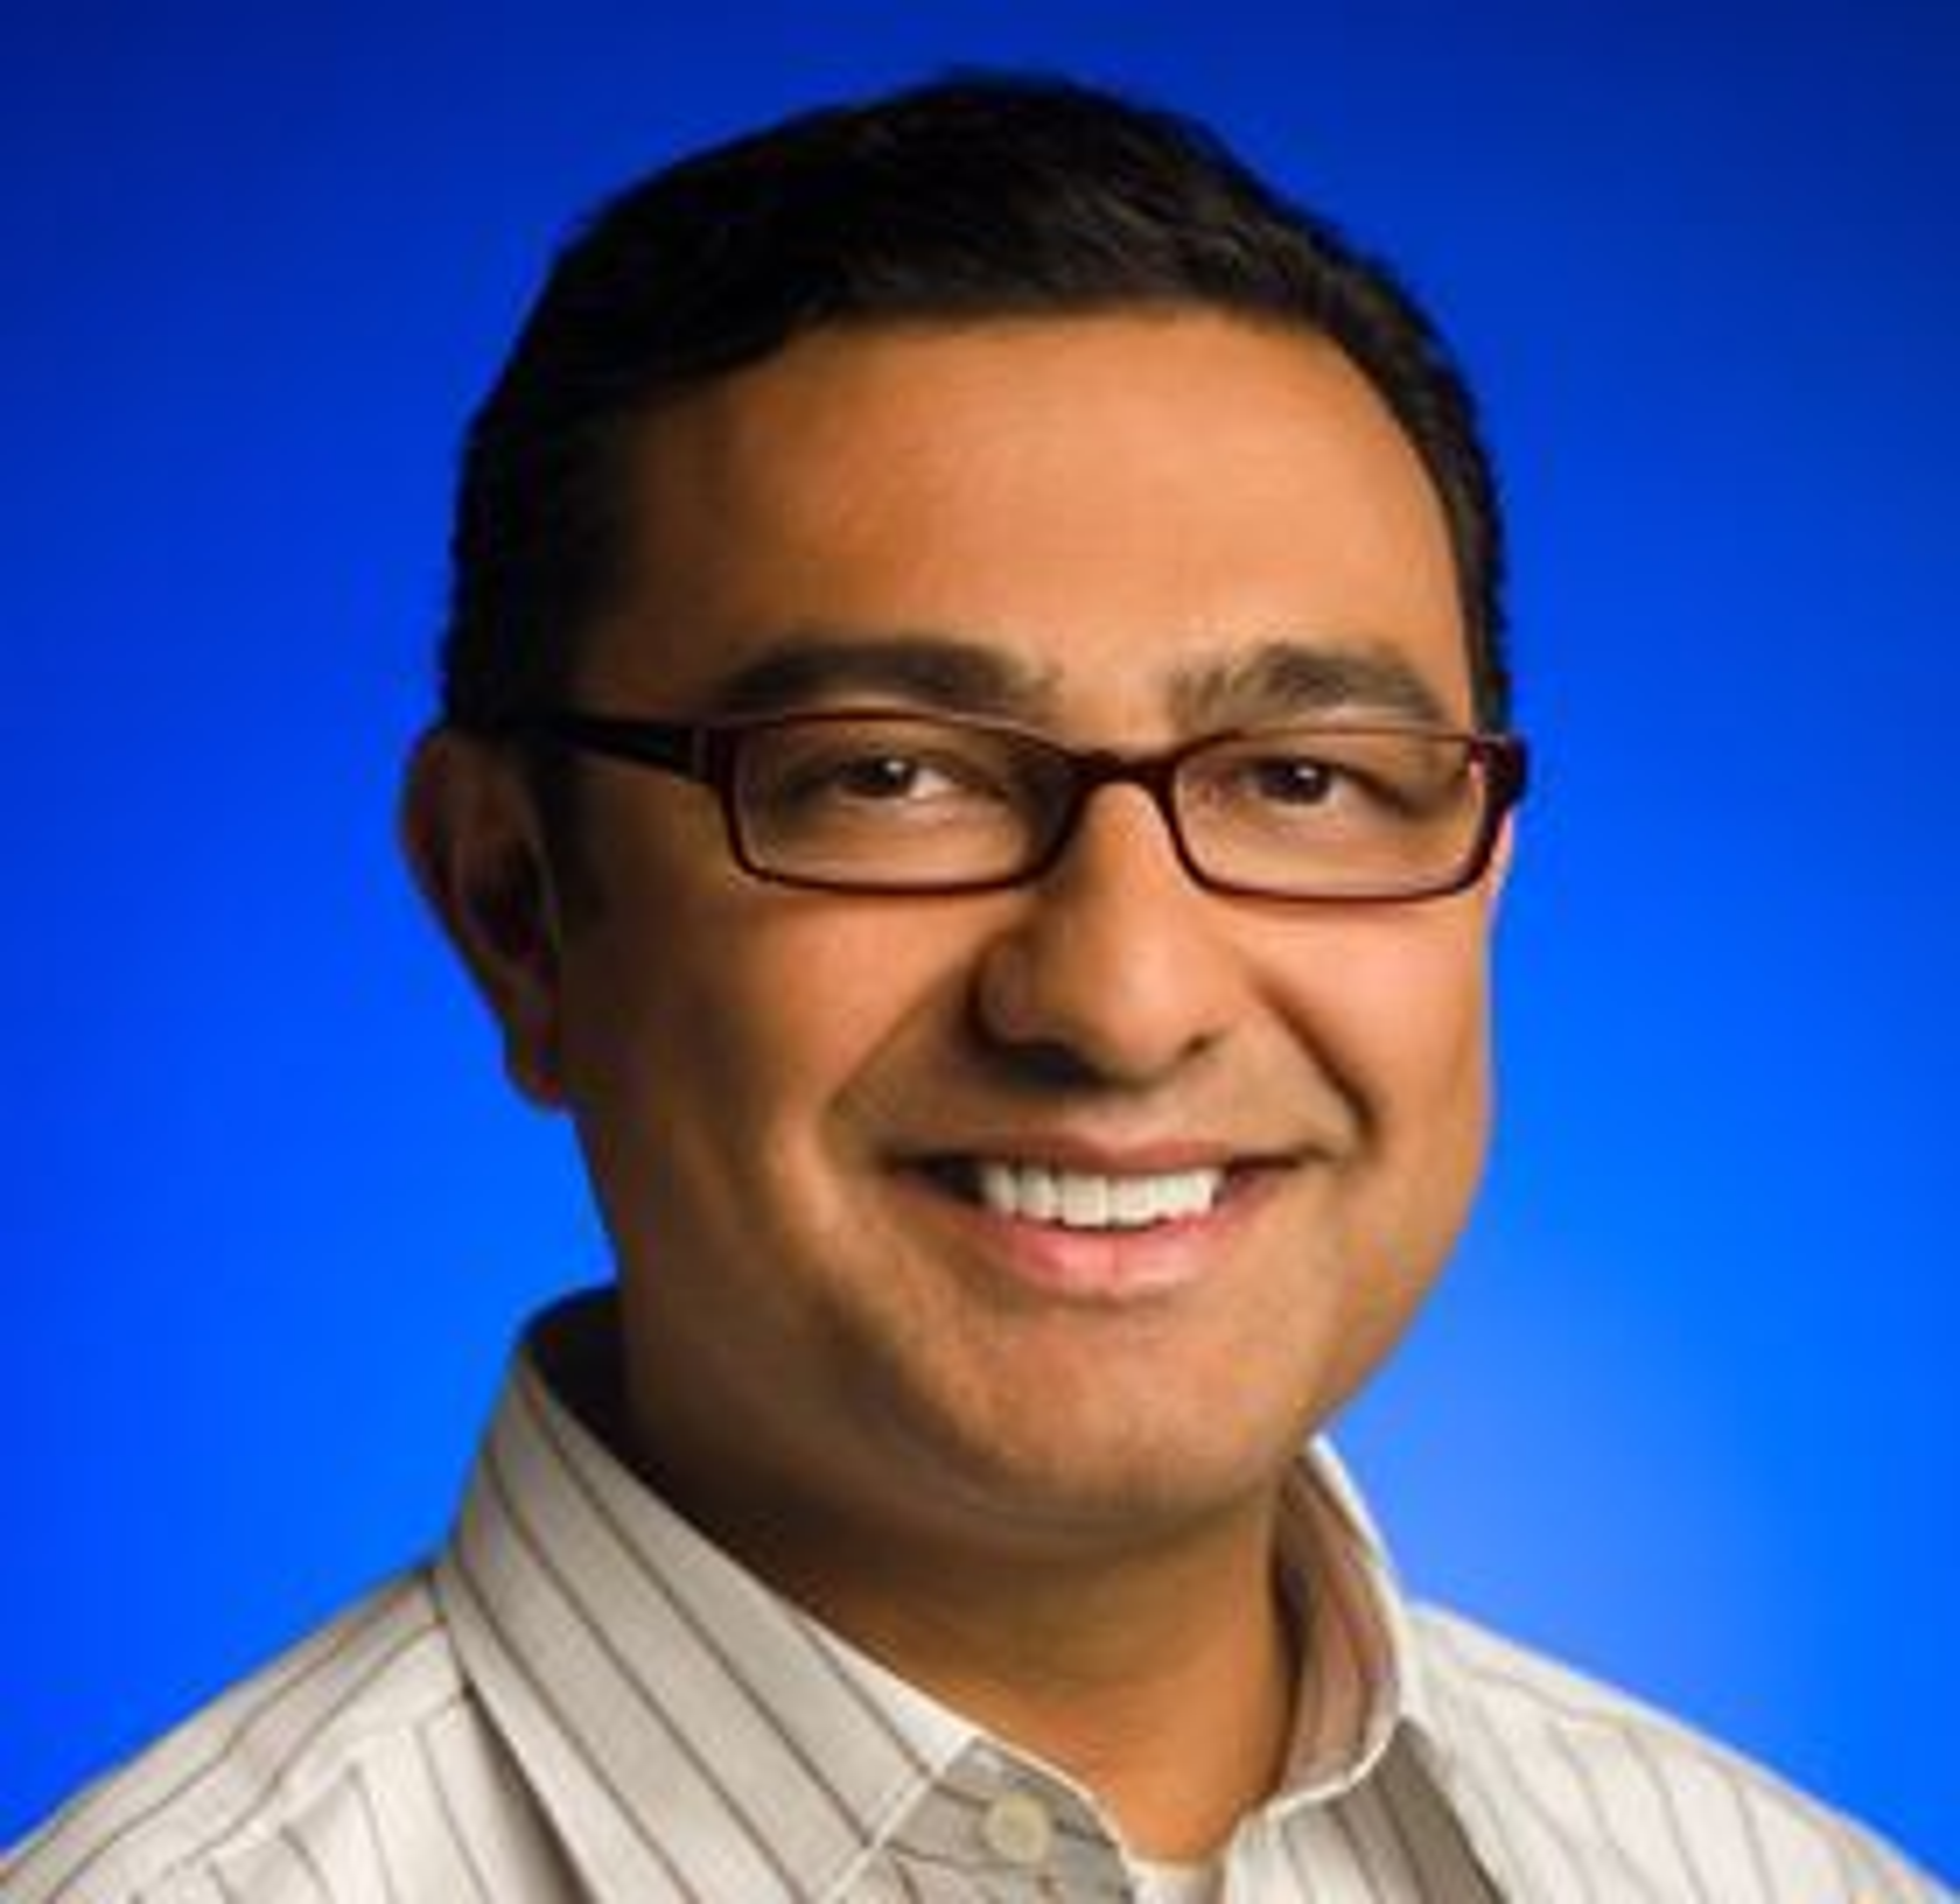 Vic Gundotra er ansvarlig for Google+-tjenesten til Google.